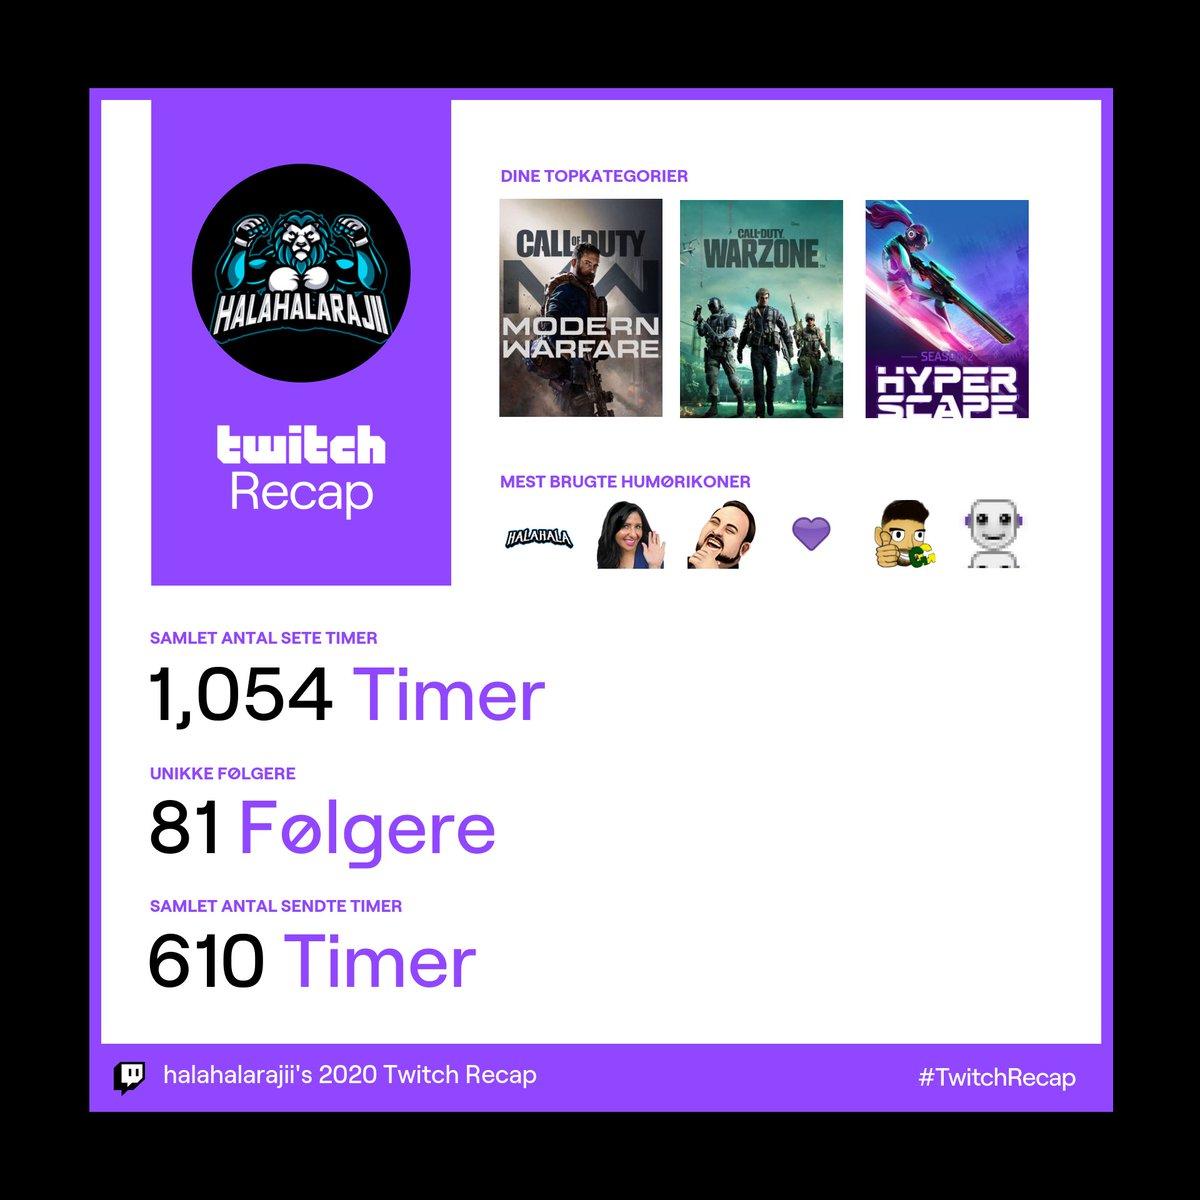 #Twitchrecap #twitchstreamer #TwitchRecap2020